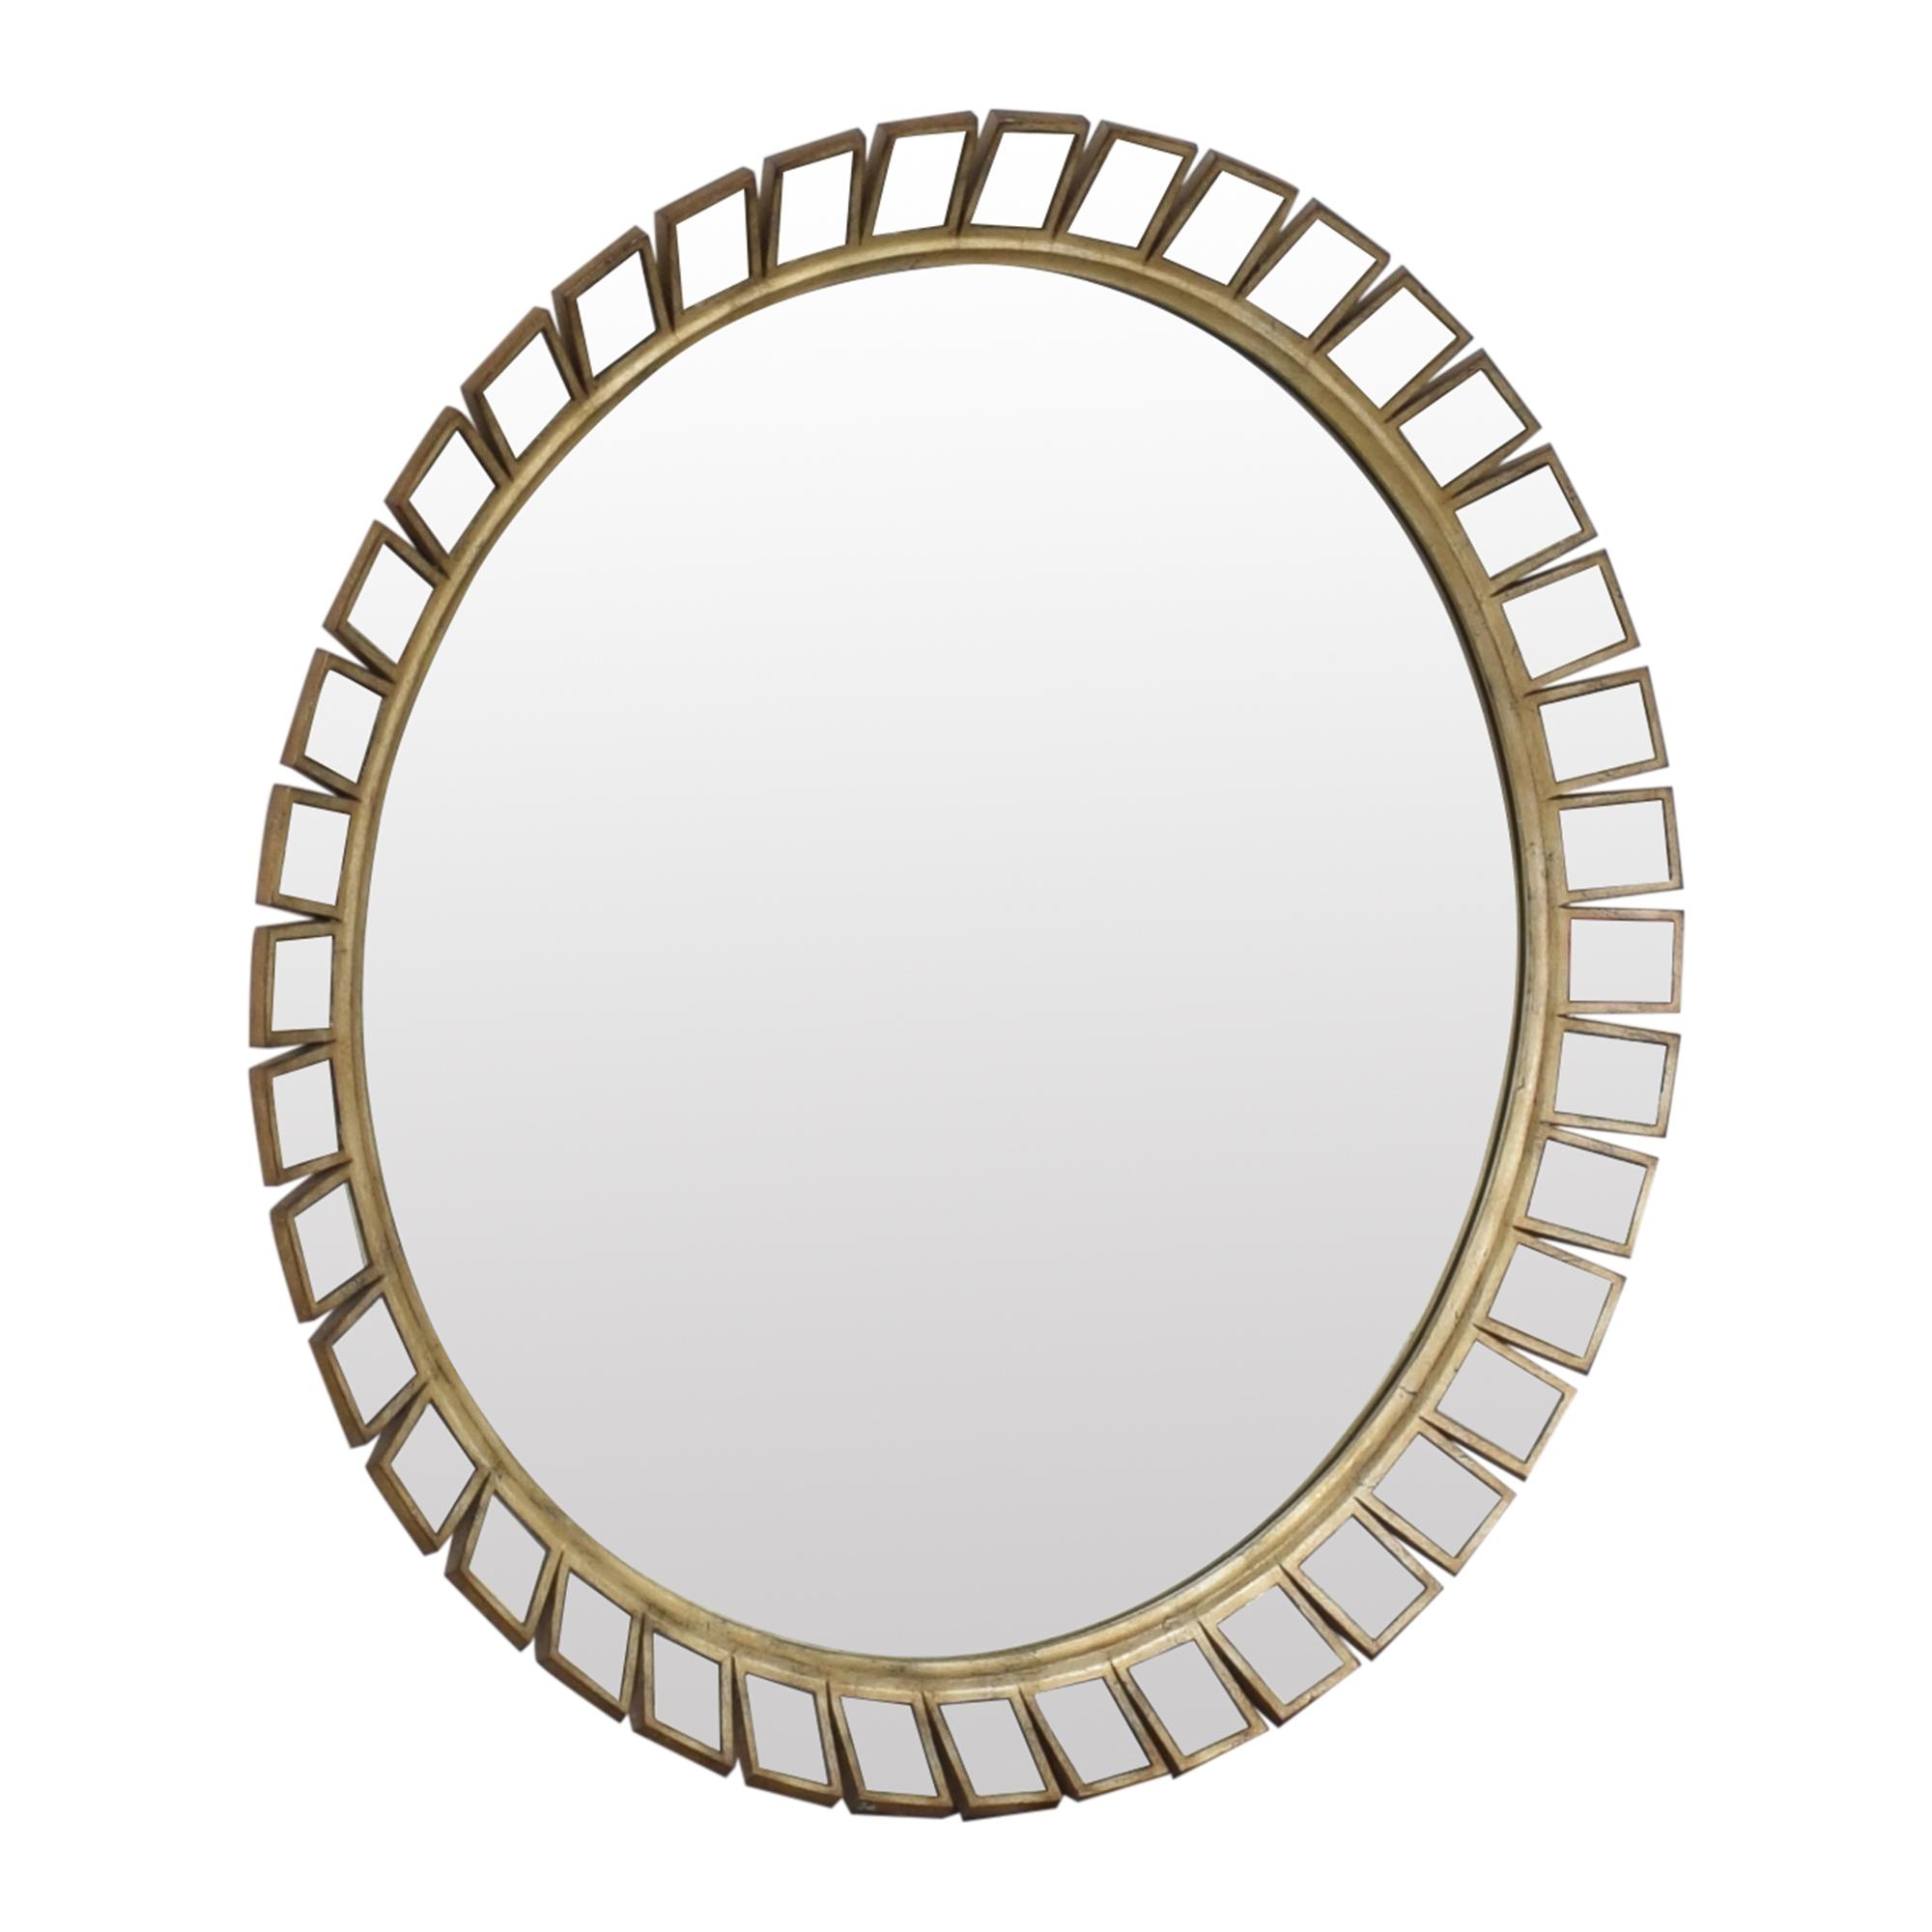 Safavieh Safavieh Soleil Wall Mirror ct